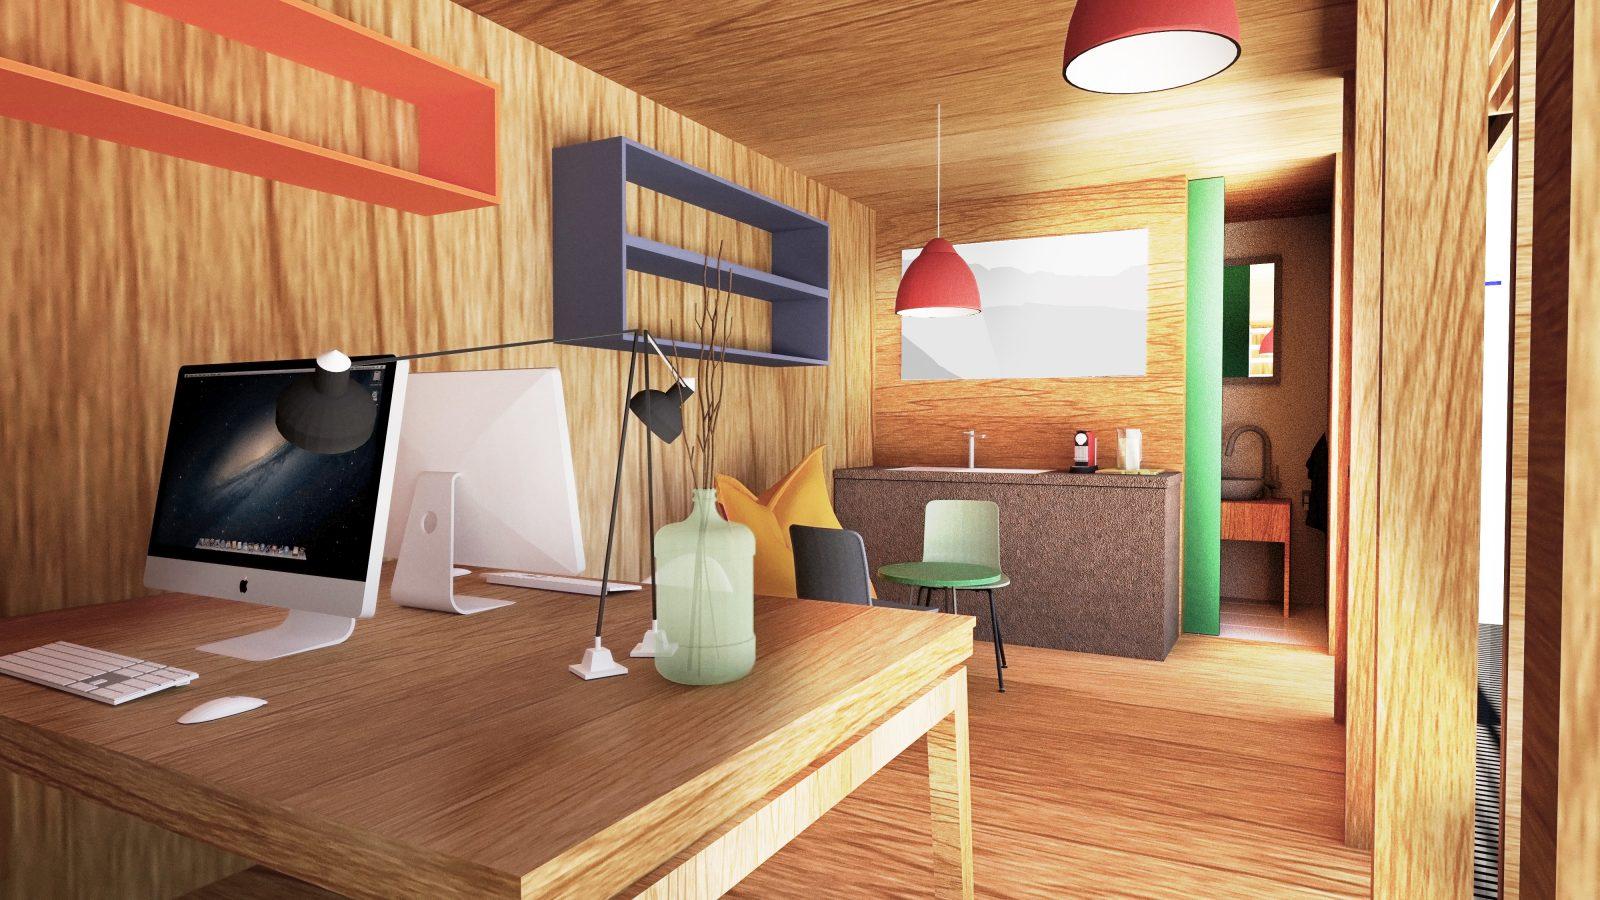 geräumiger Workspace im Chalet